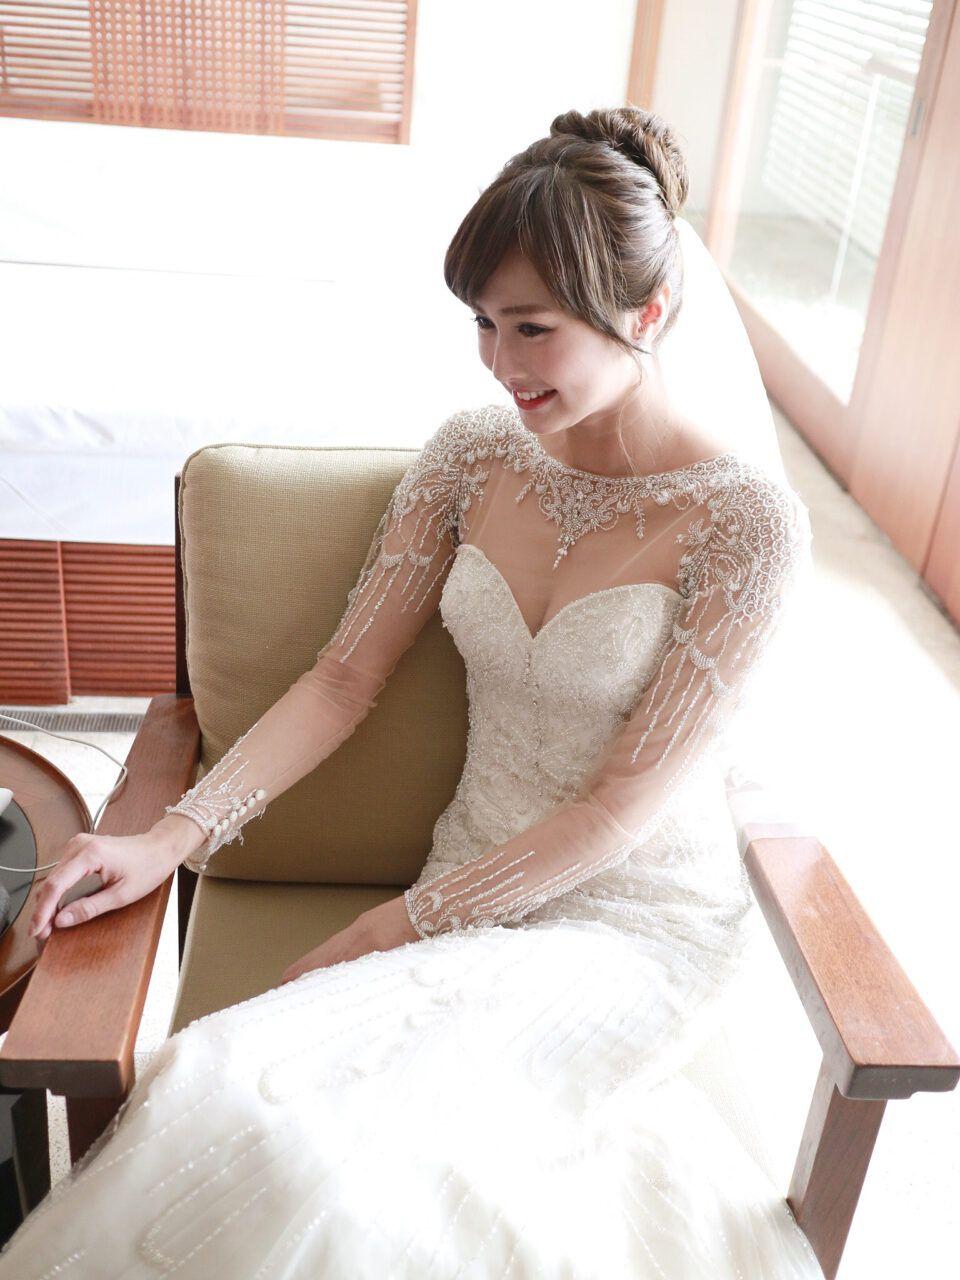 《商業》Kate's Plan凱特 X 日月潭涵碧樓婚禮日